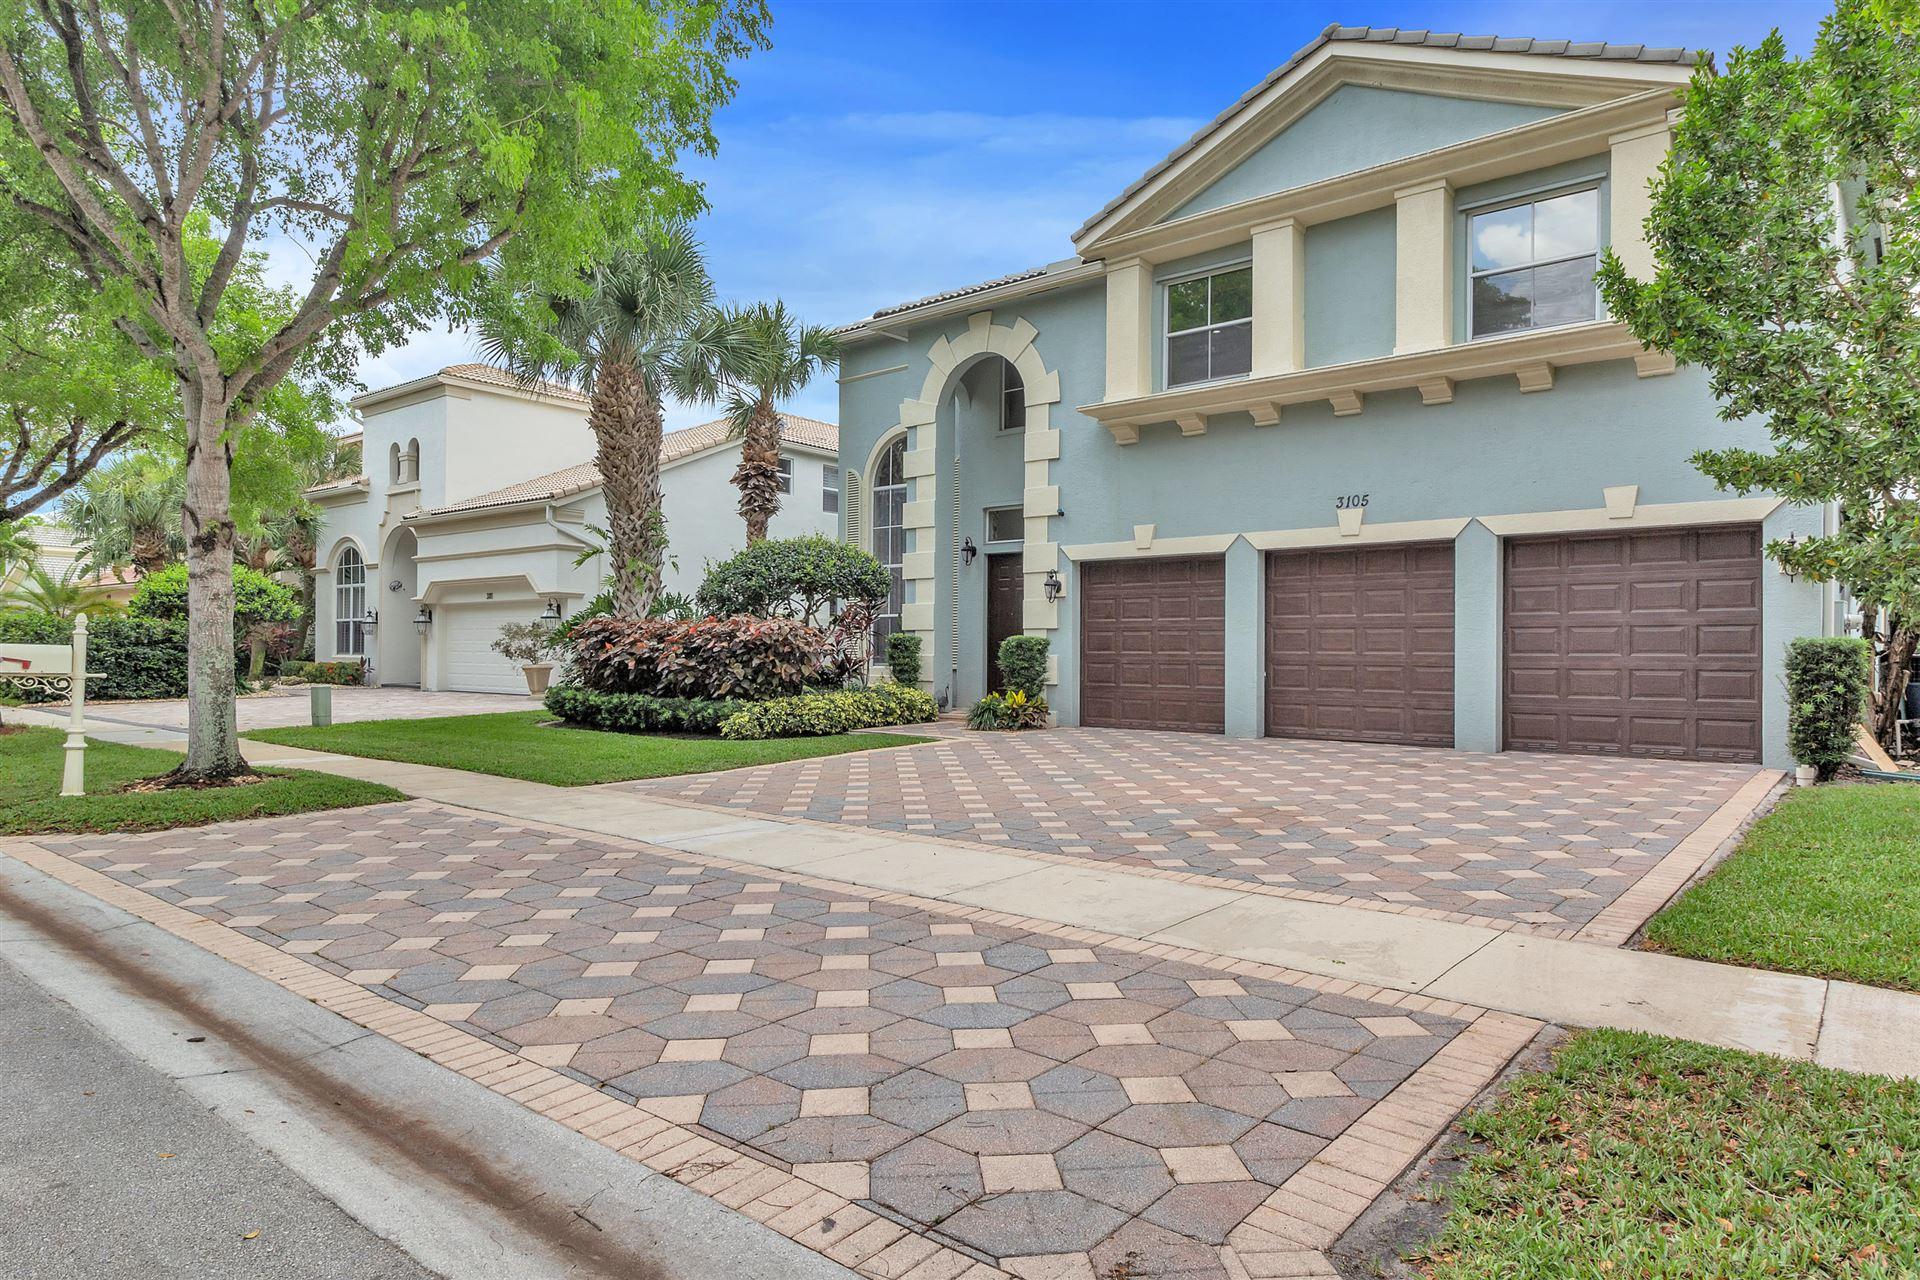 3105 Hartridge Terrace, Wellington, FL 33414 - #: RX-10619514